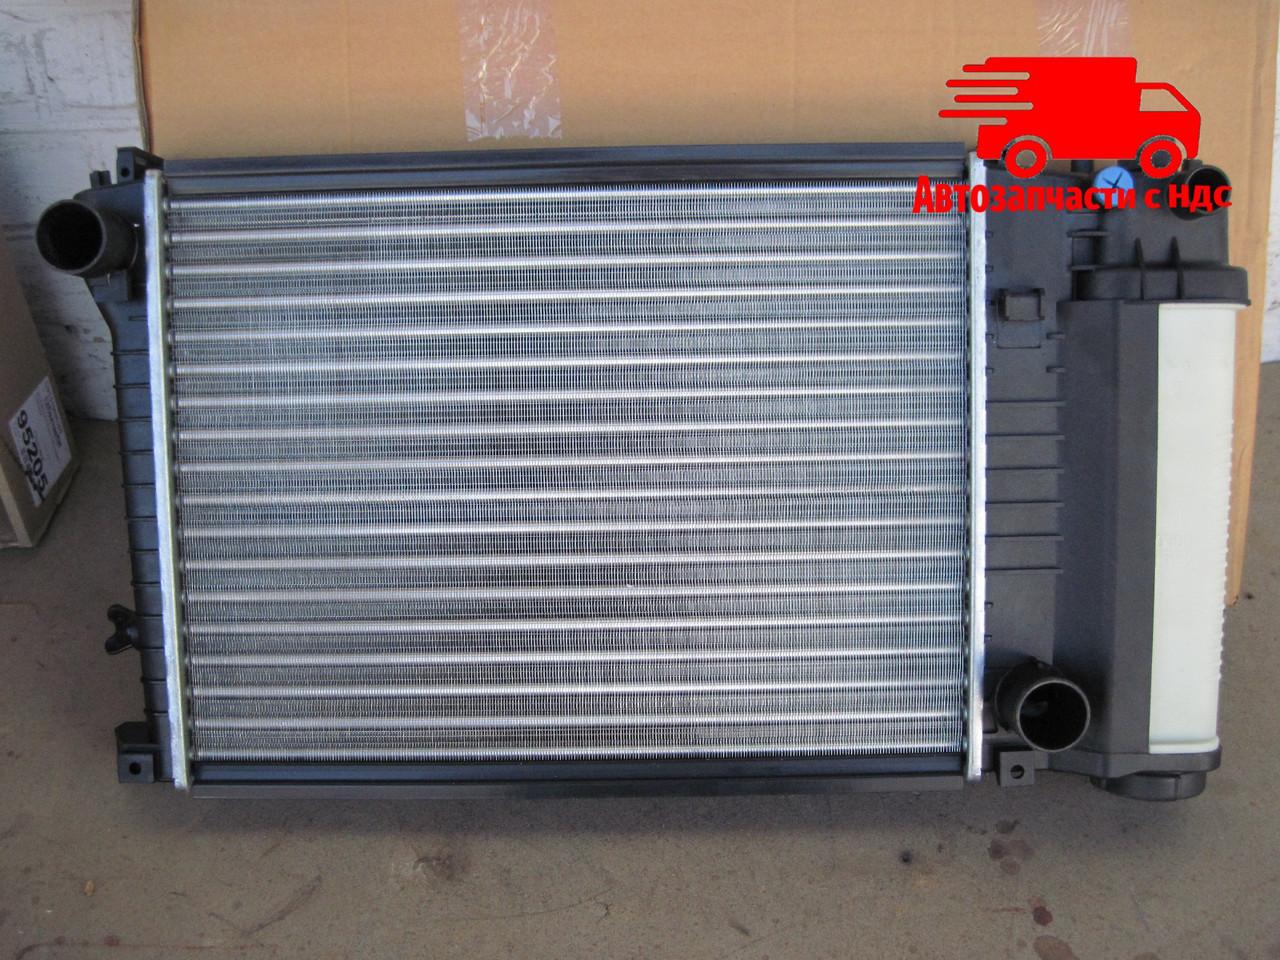 Радіатор охолодження BMW 3 (TEMPEST) . TP.15.60.735 A . Ціна з ПДВ.